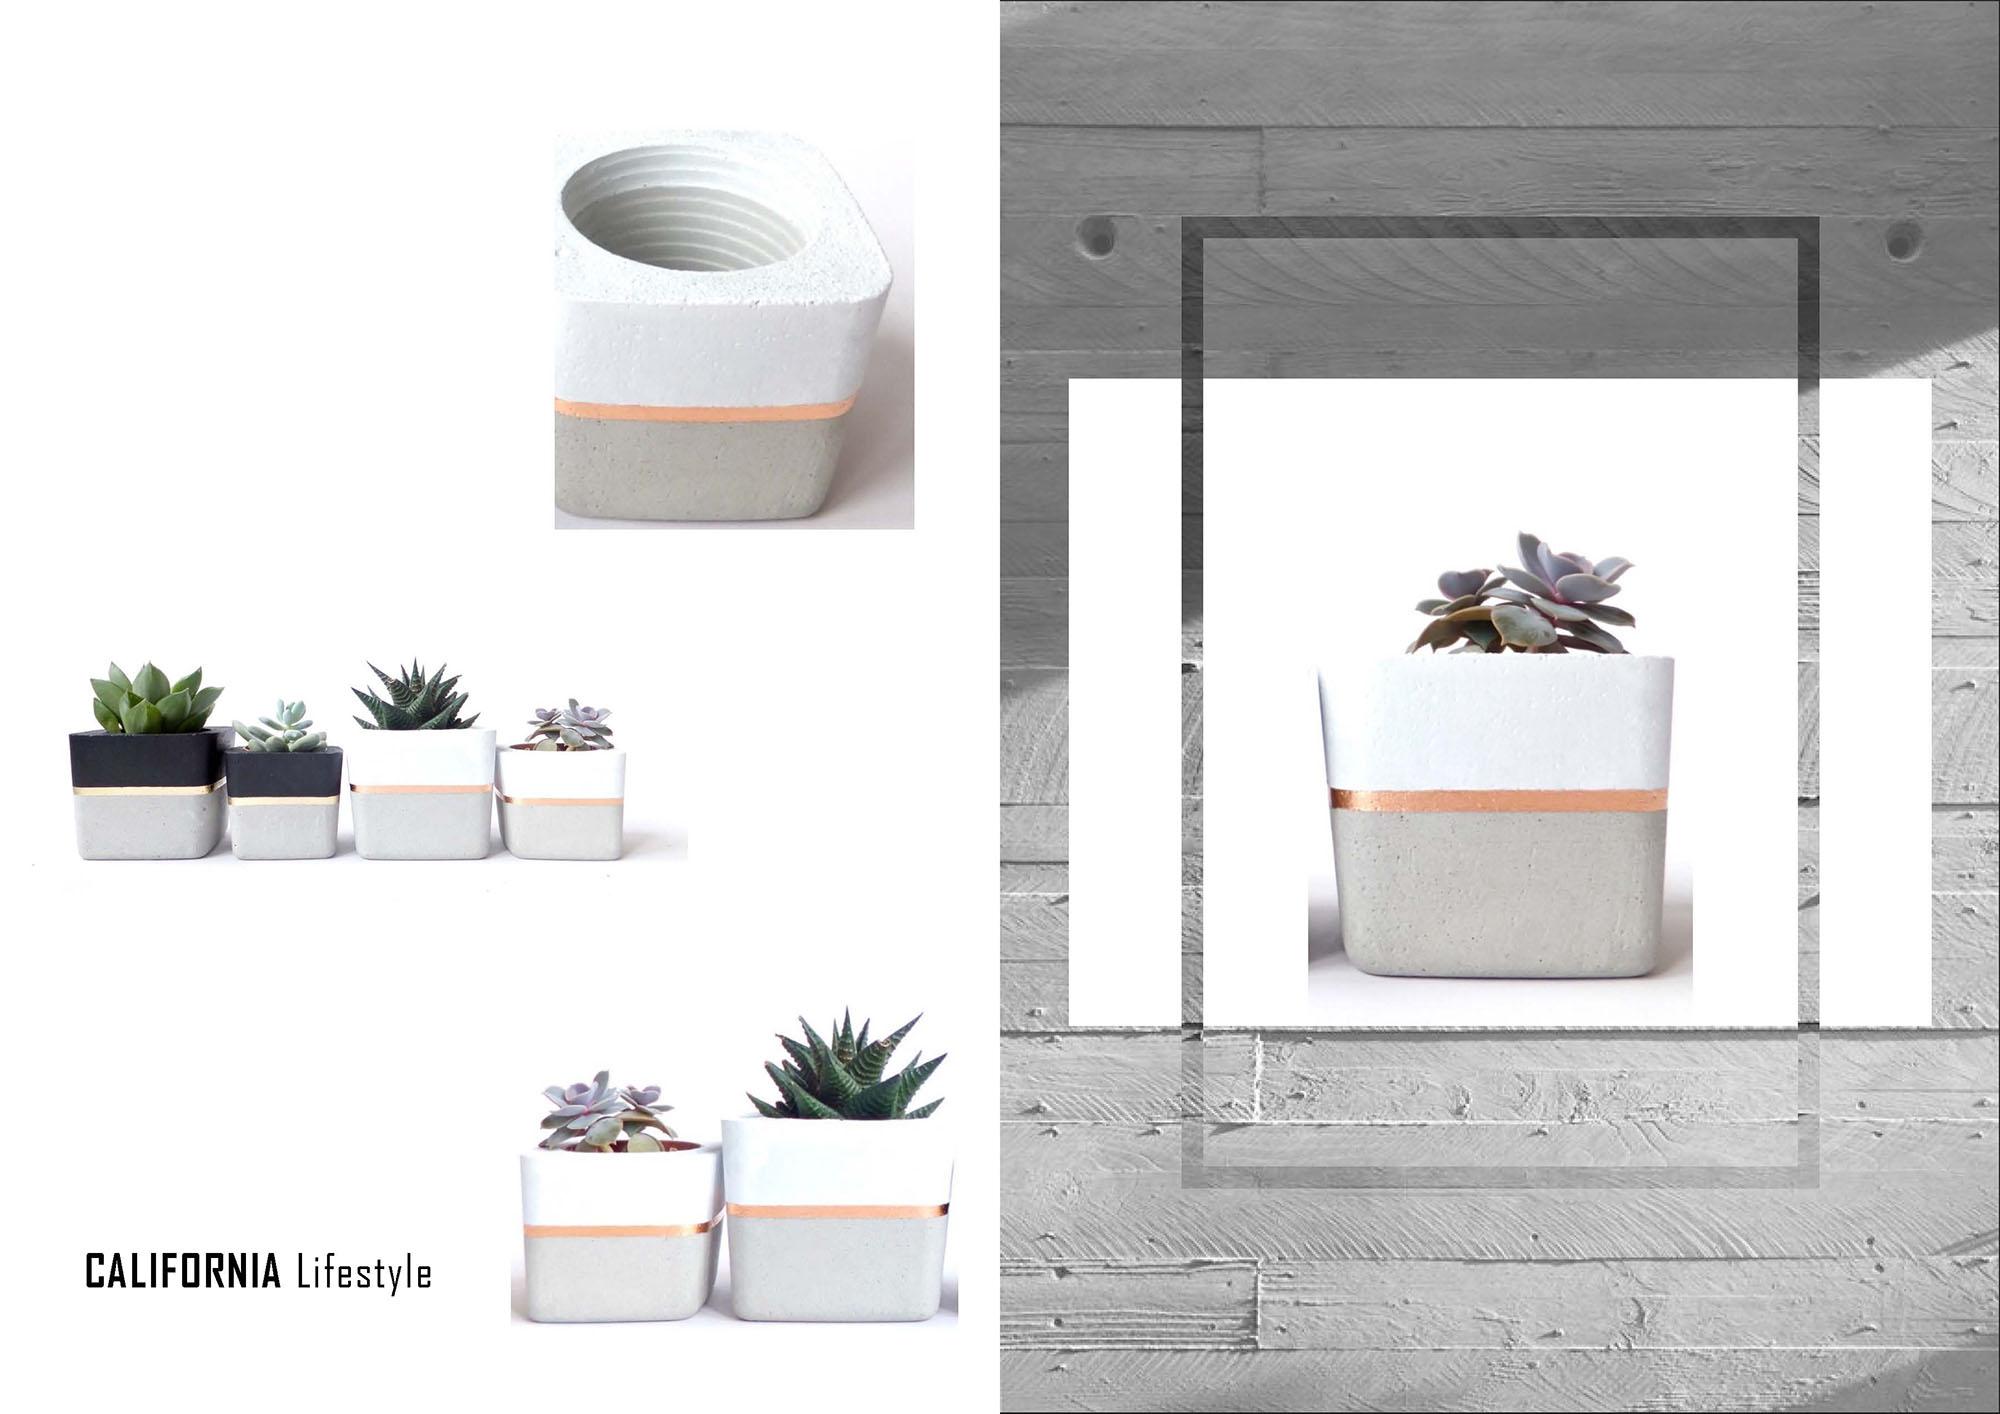 Forbeton dedans lookbook for beton cups - luisa coelho